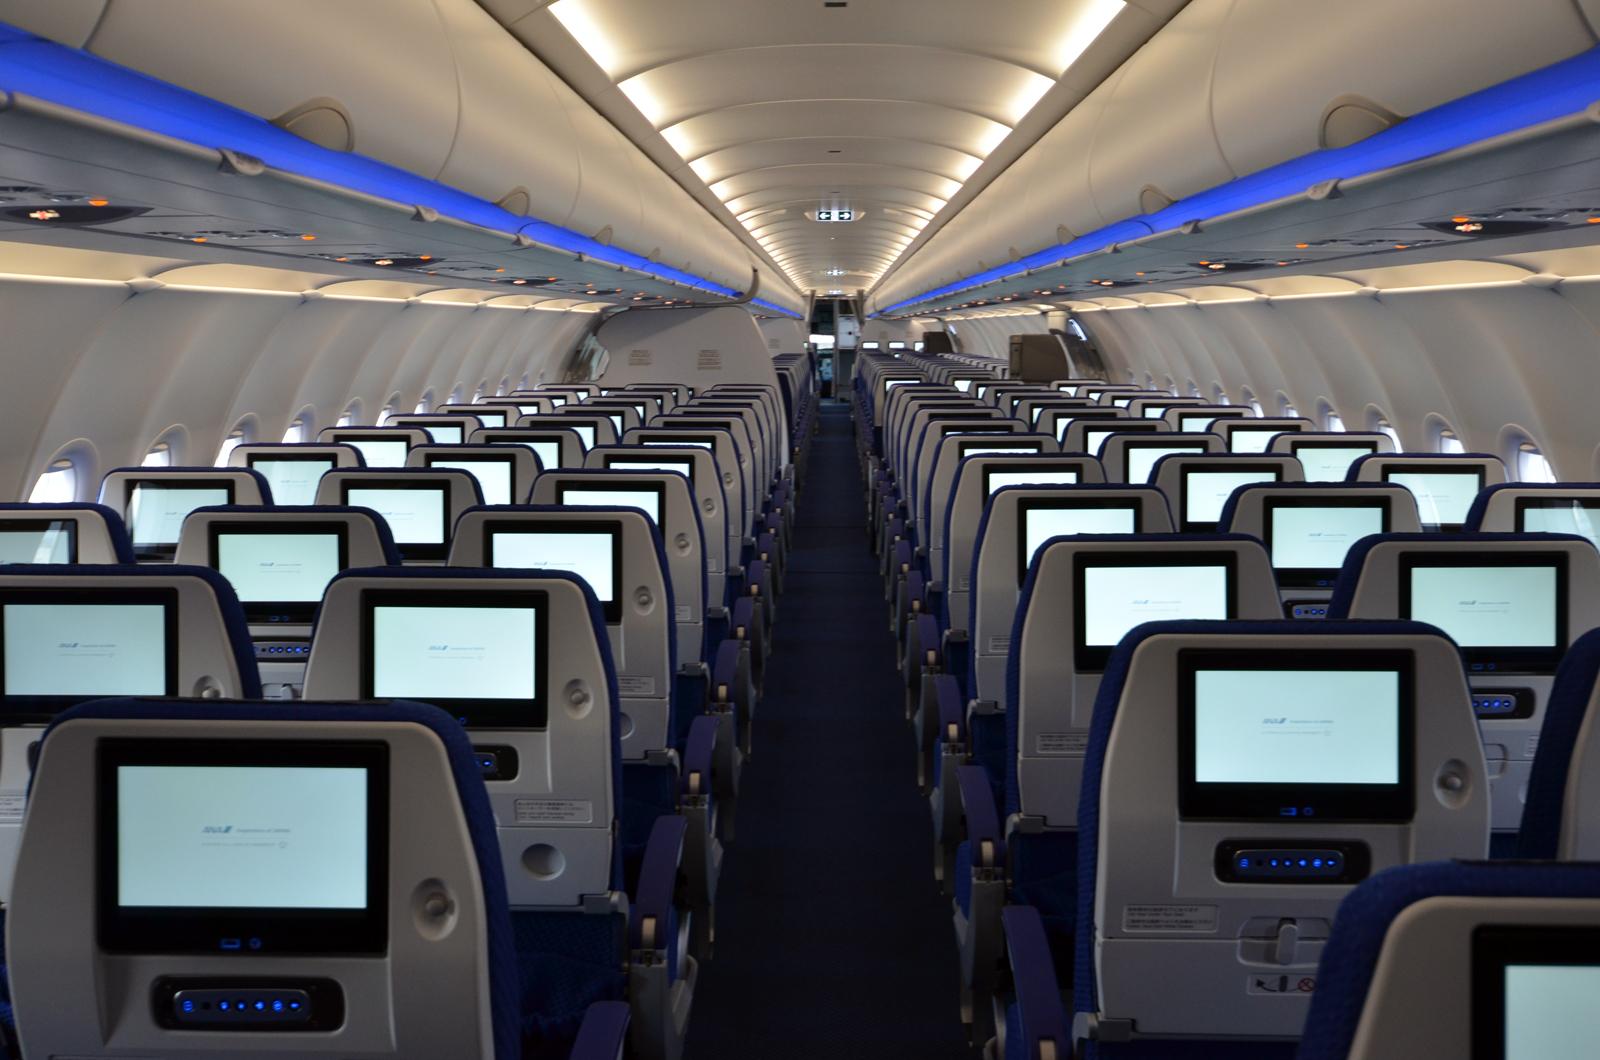 スターフライヤー、羽田発着の九州2路線で臨時増便 6月8日から12日